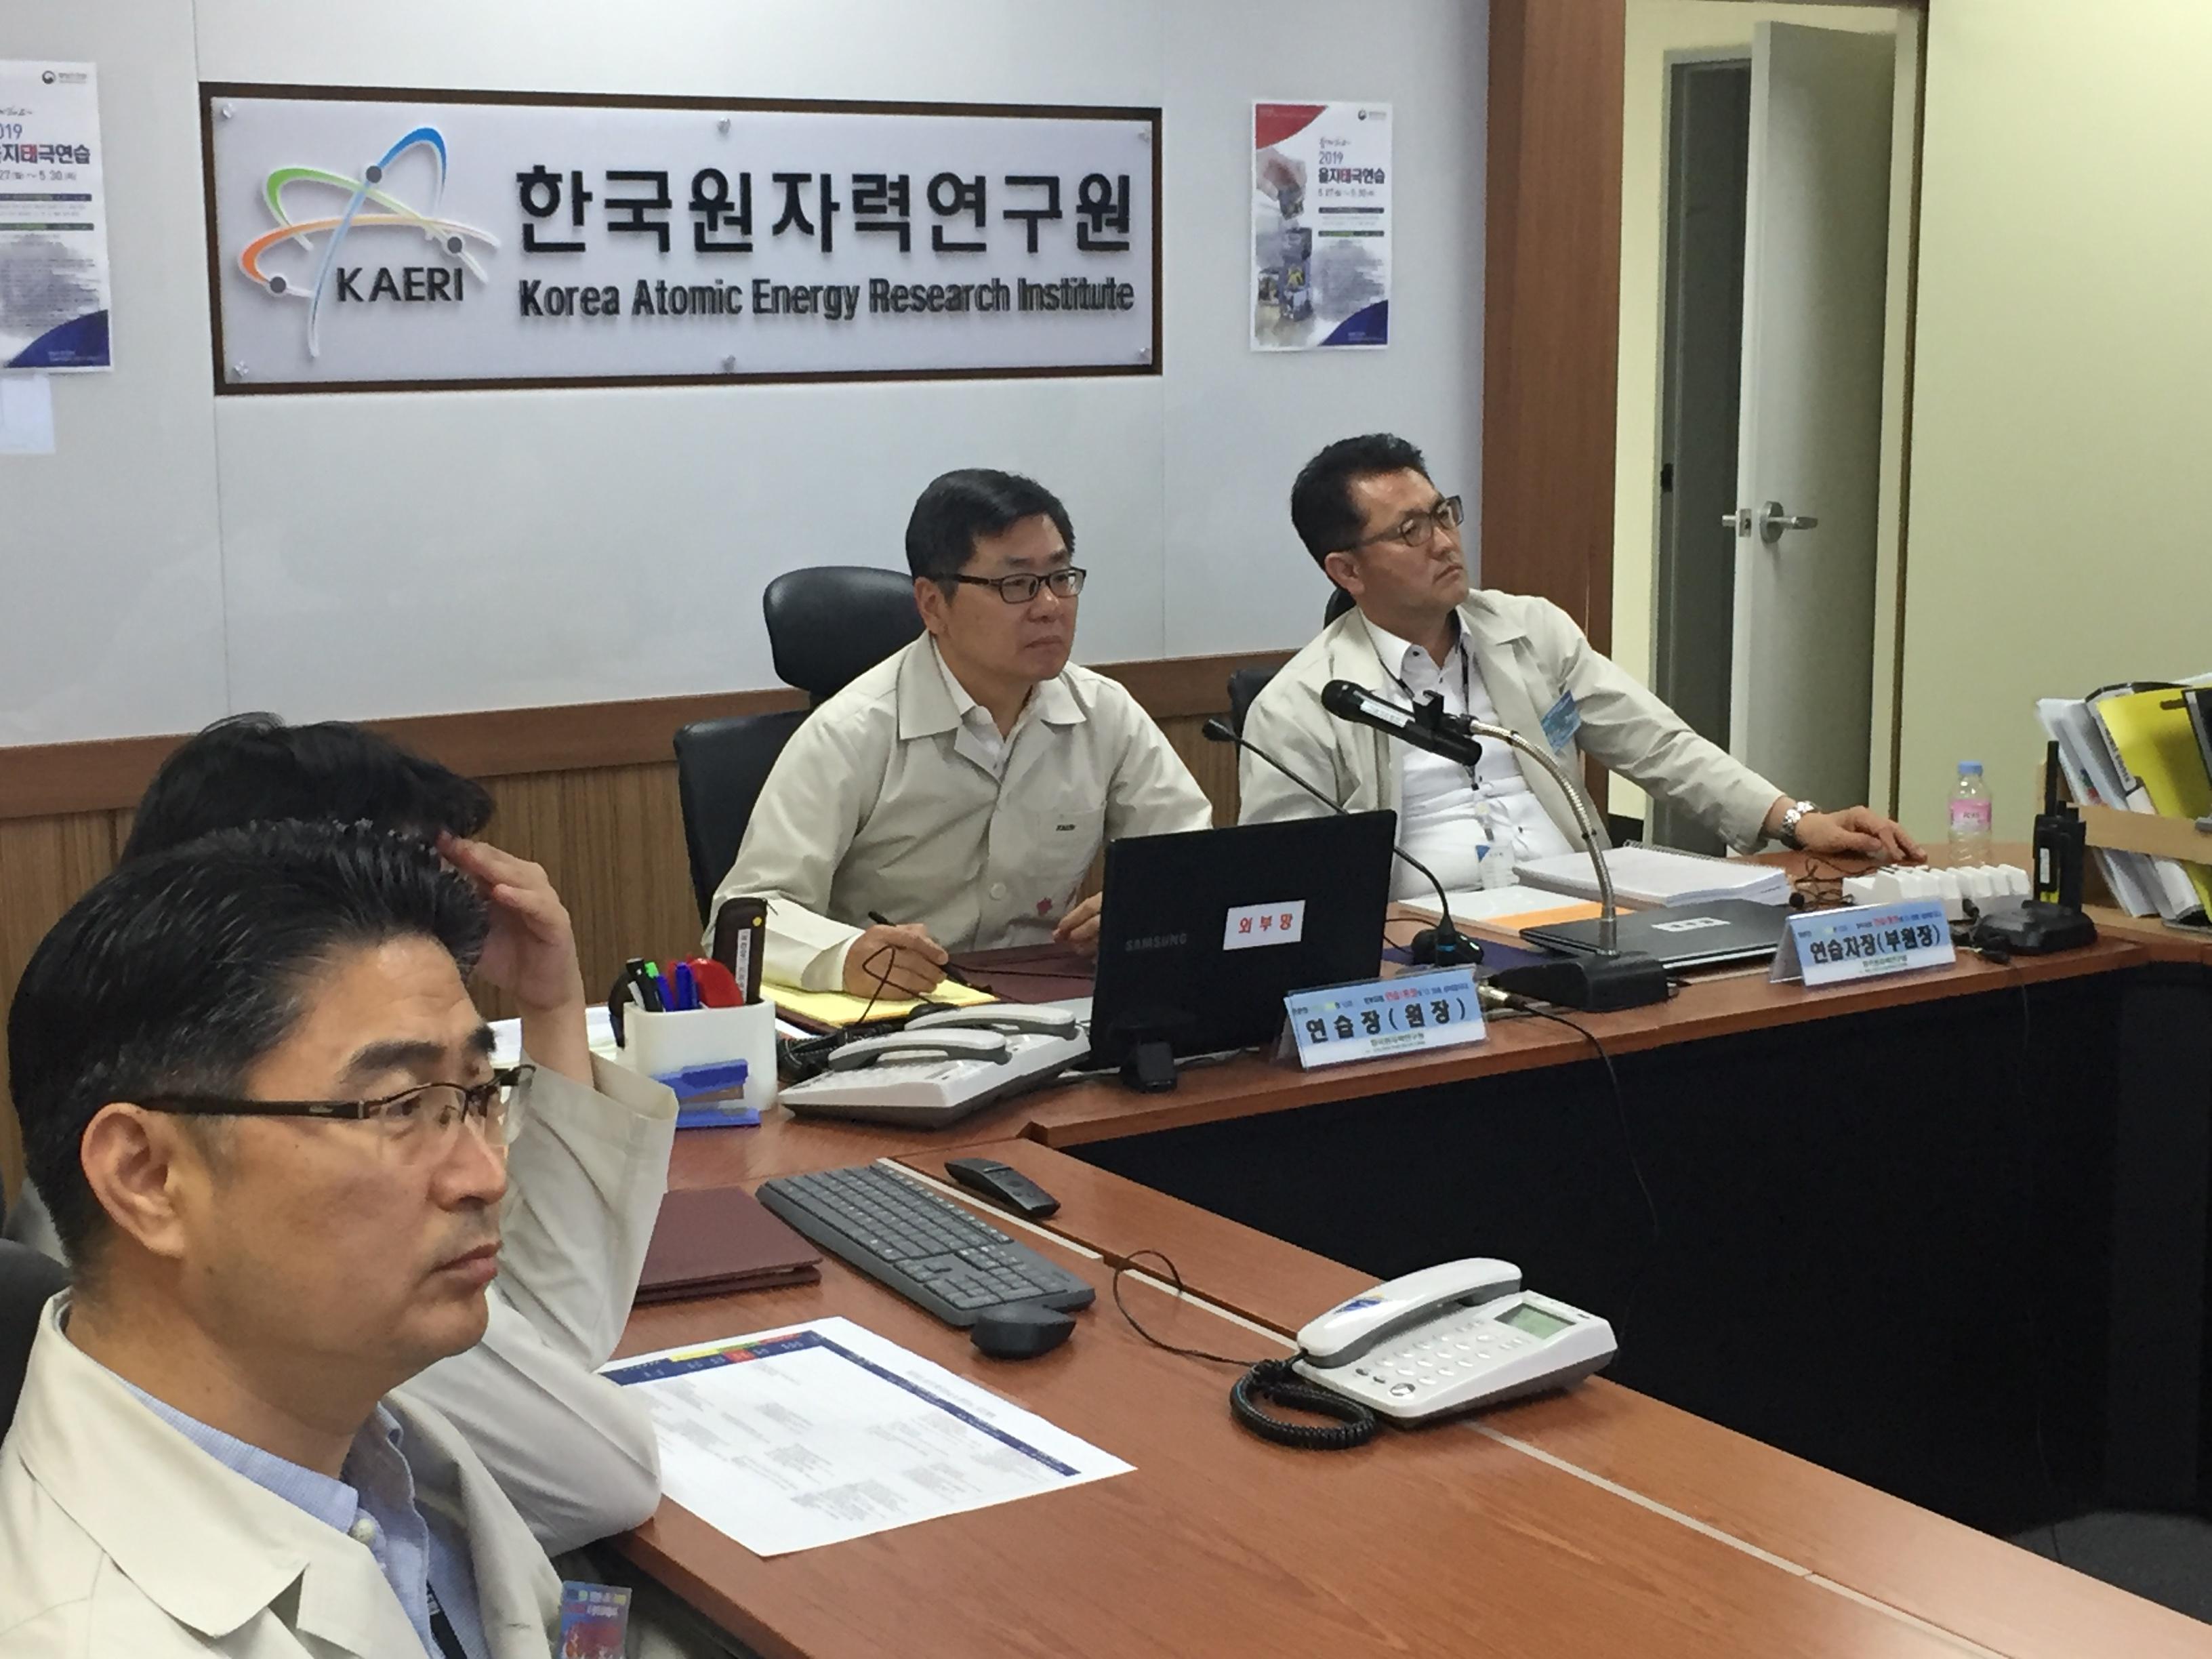 사진1 - 2일차 훈련 중 부원장 주관으로 상황판단회의를 하고있다